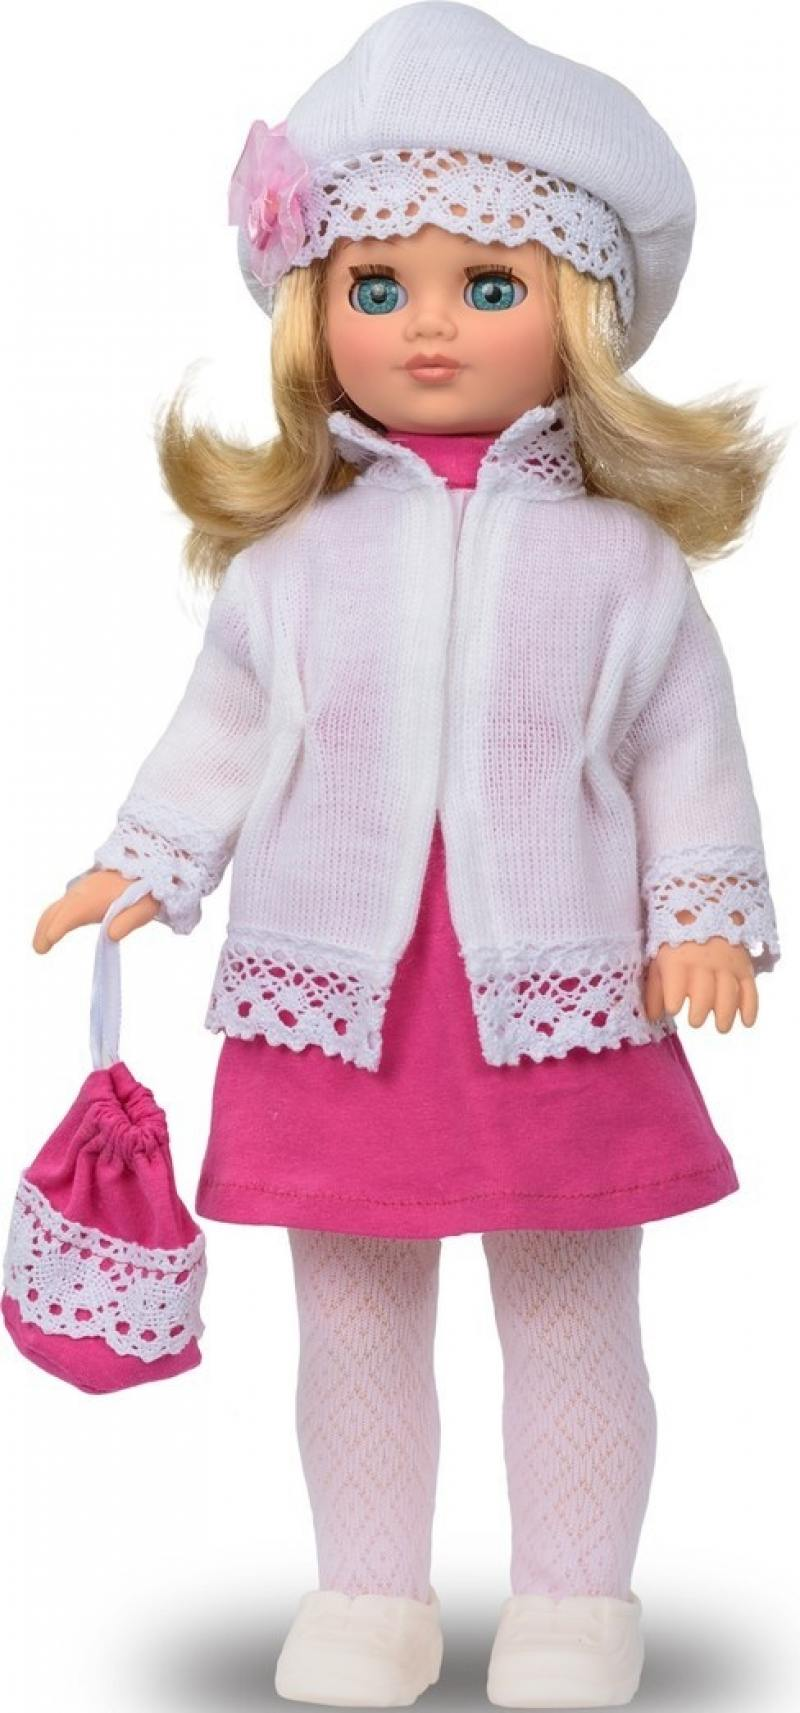 Кукла ВЕСНА Лиза 22 (озвученная) кукла весна лиза 16 озвученная в2144 о